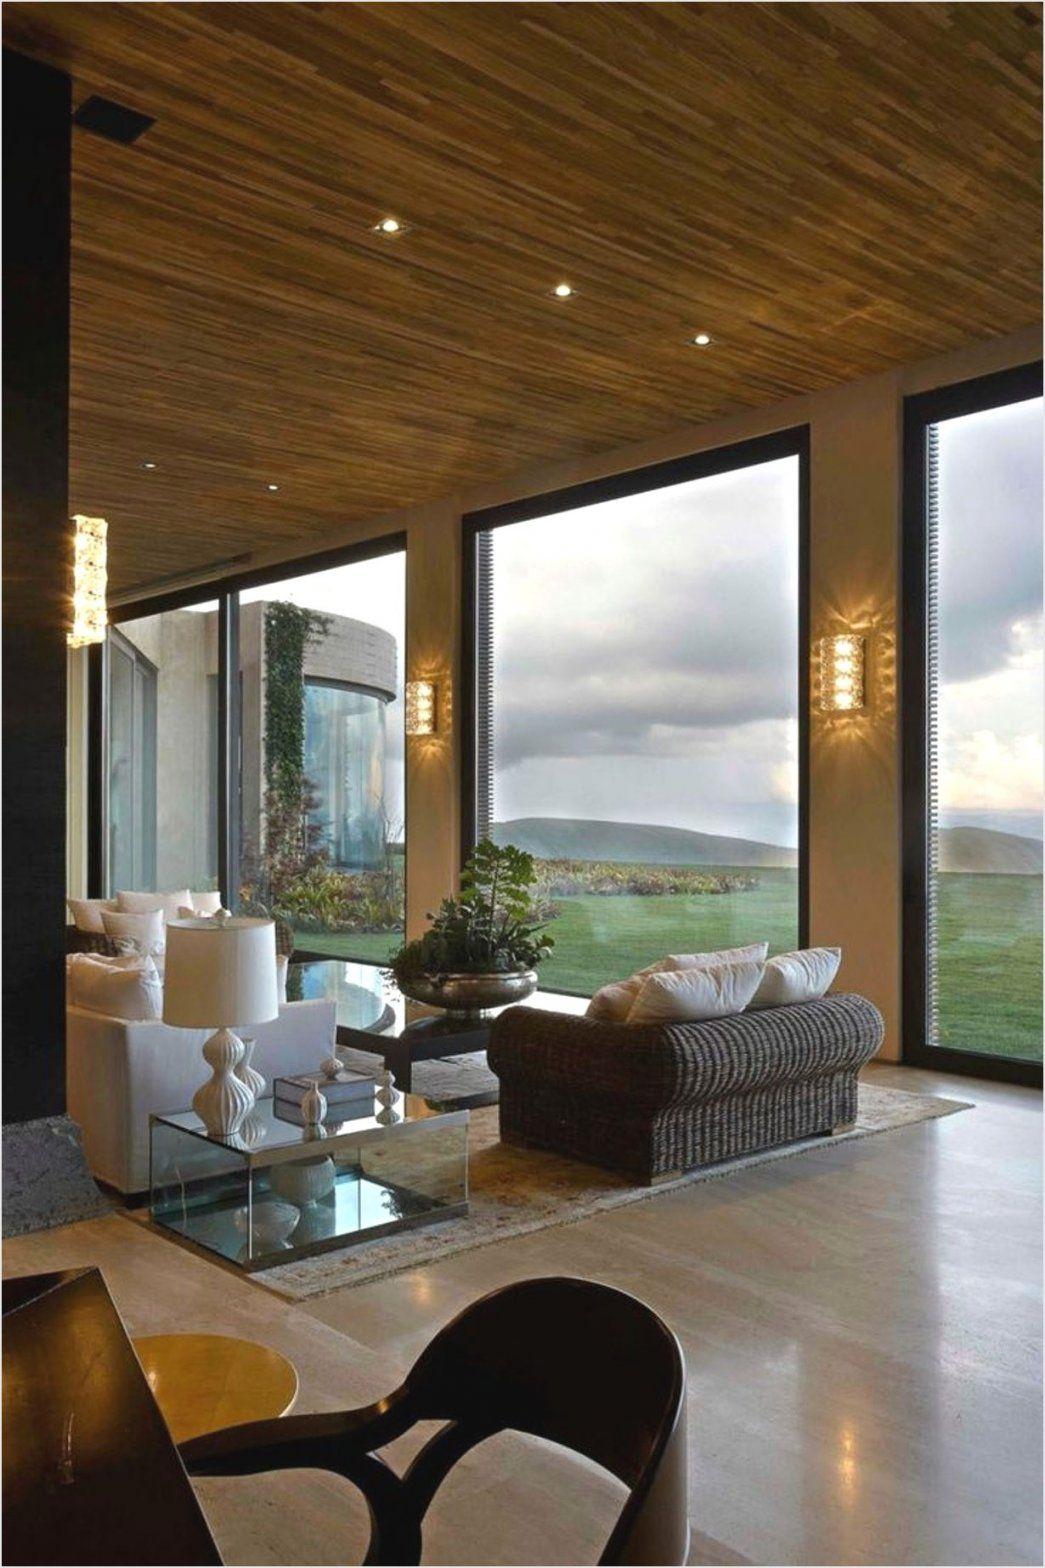 Wunderschöne Kamin Nachträglich Einbauen Kosten Kosten Fenster von Kosten Kamin Nachträglich Einbauen Photo